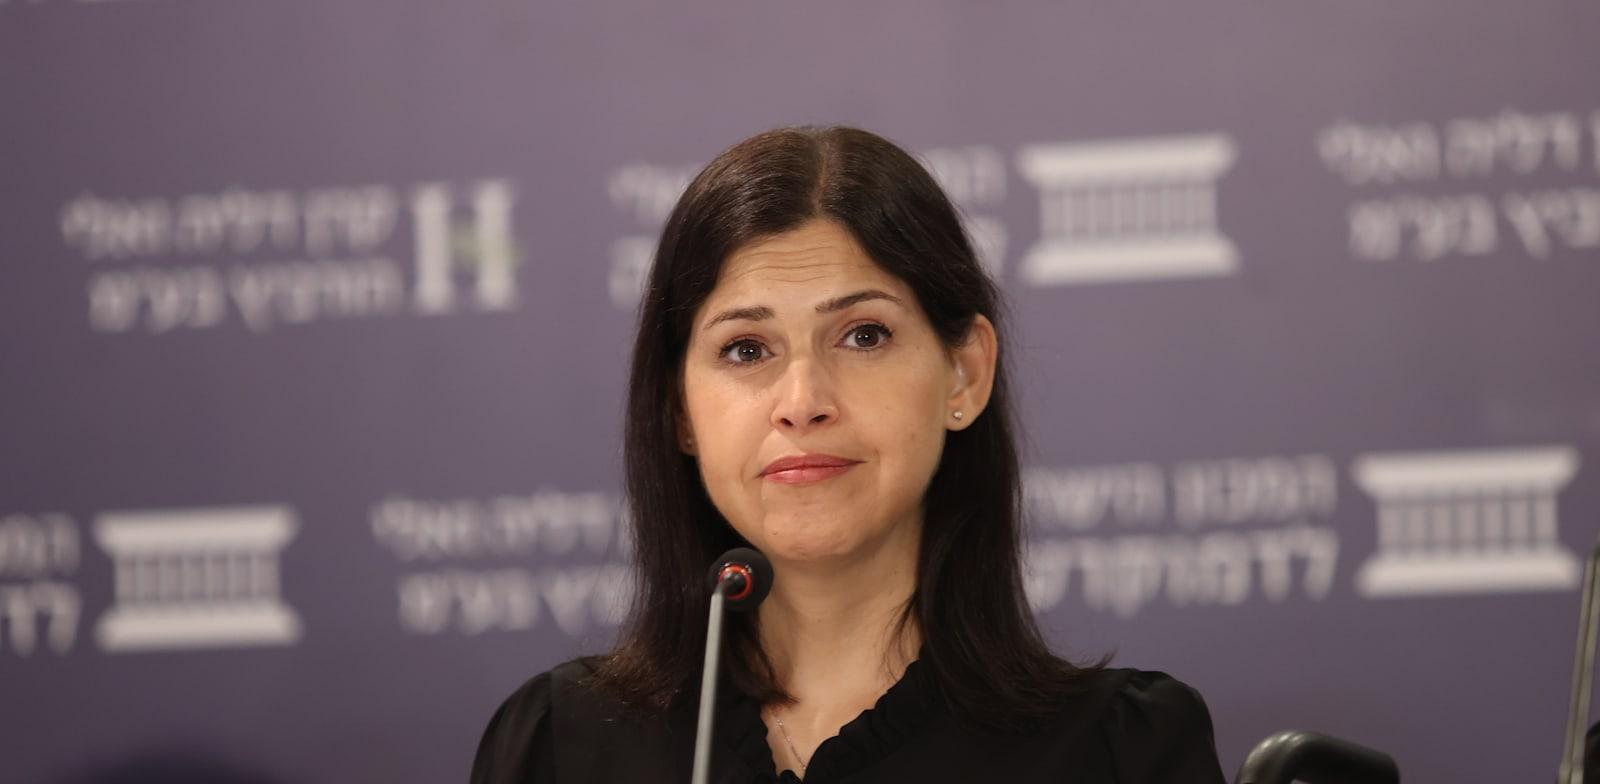 שרת האנרגיה קארין אלהרר / צילום: המכון הישראלי לדמוקרטיה